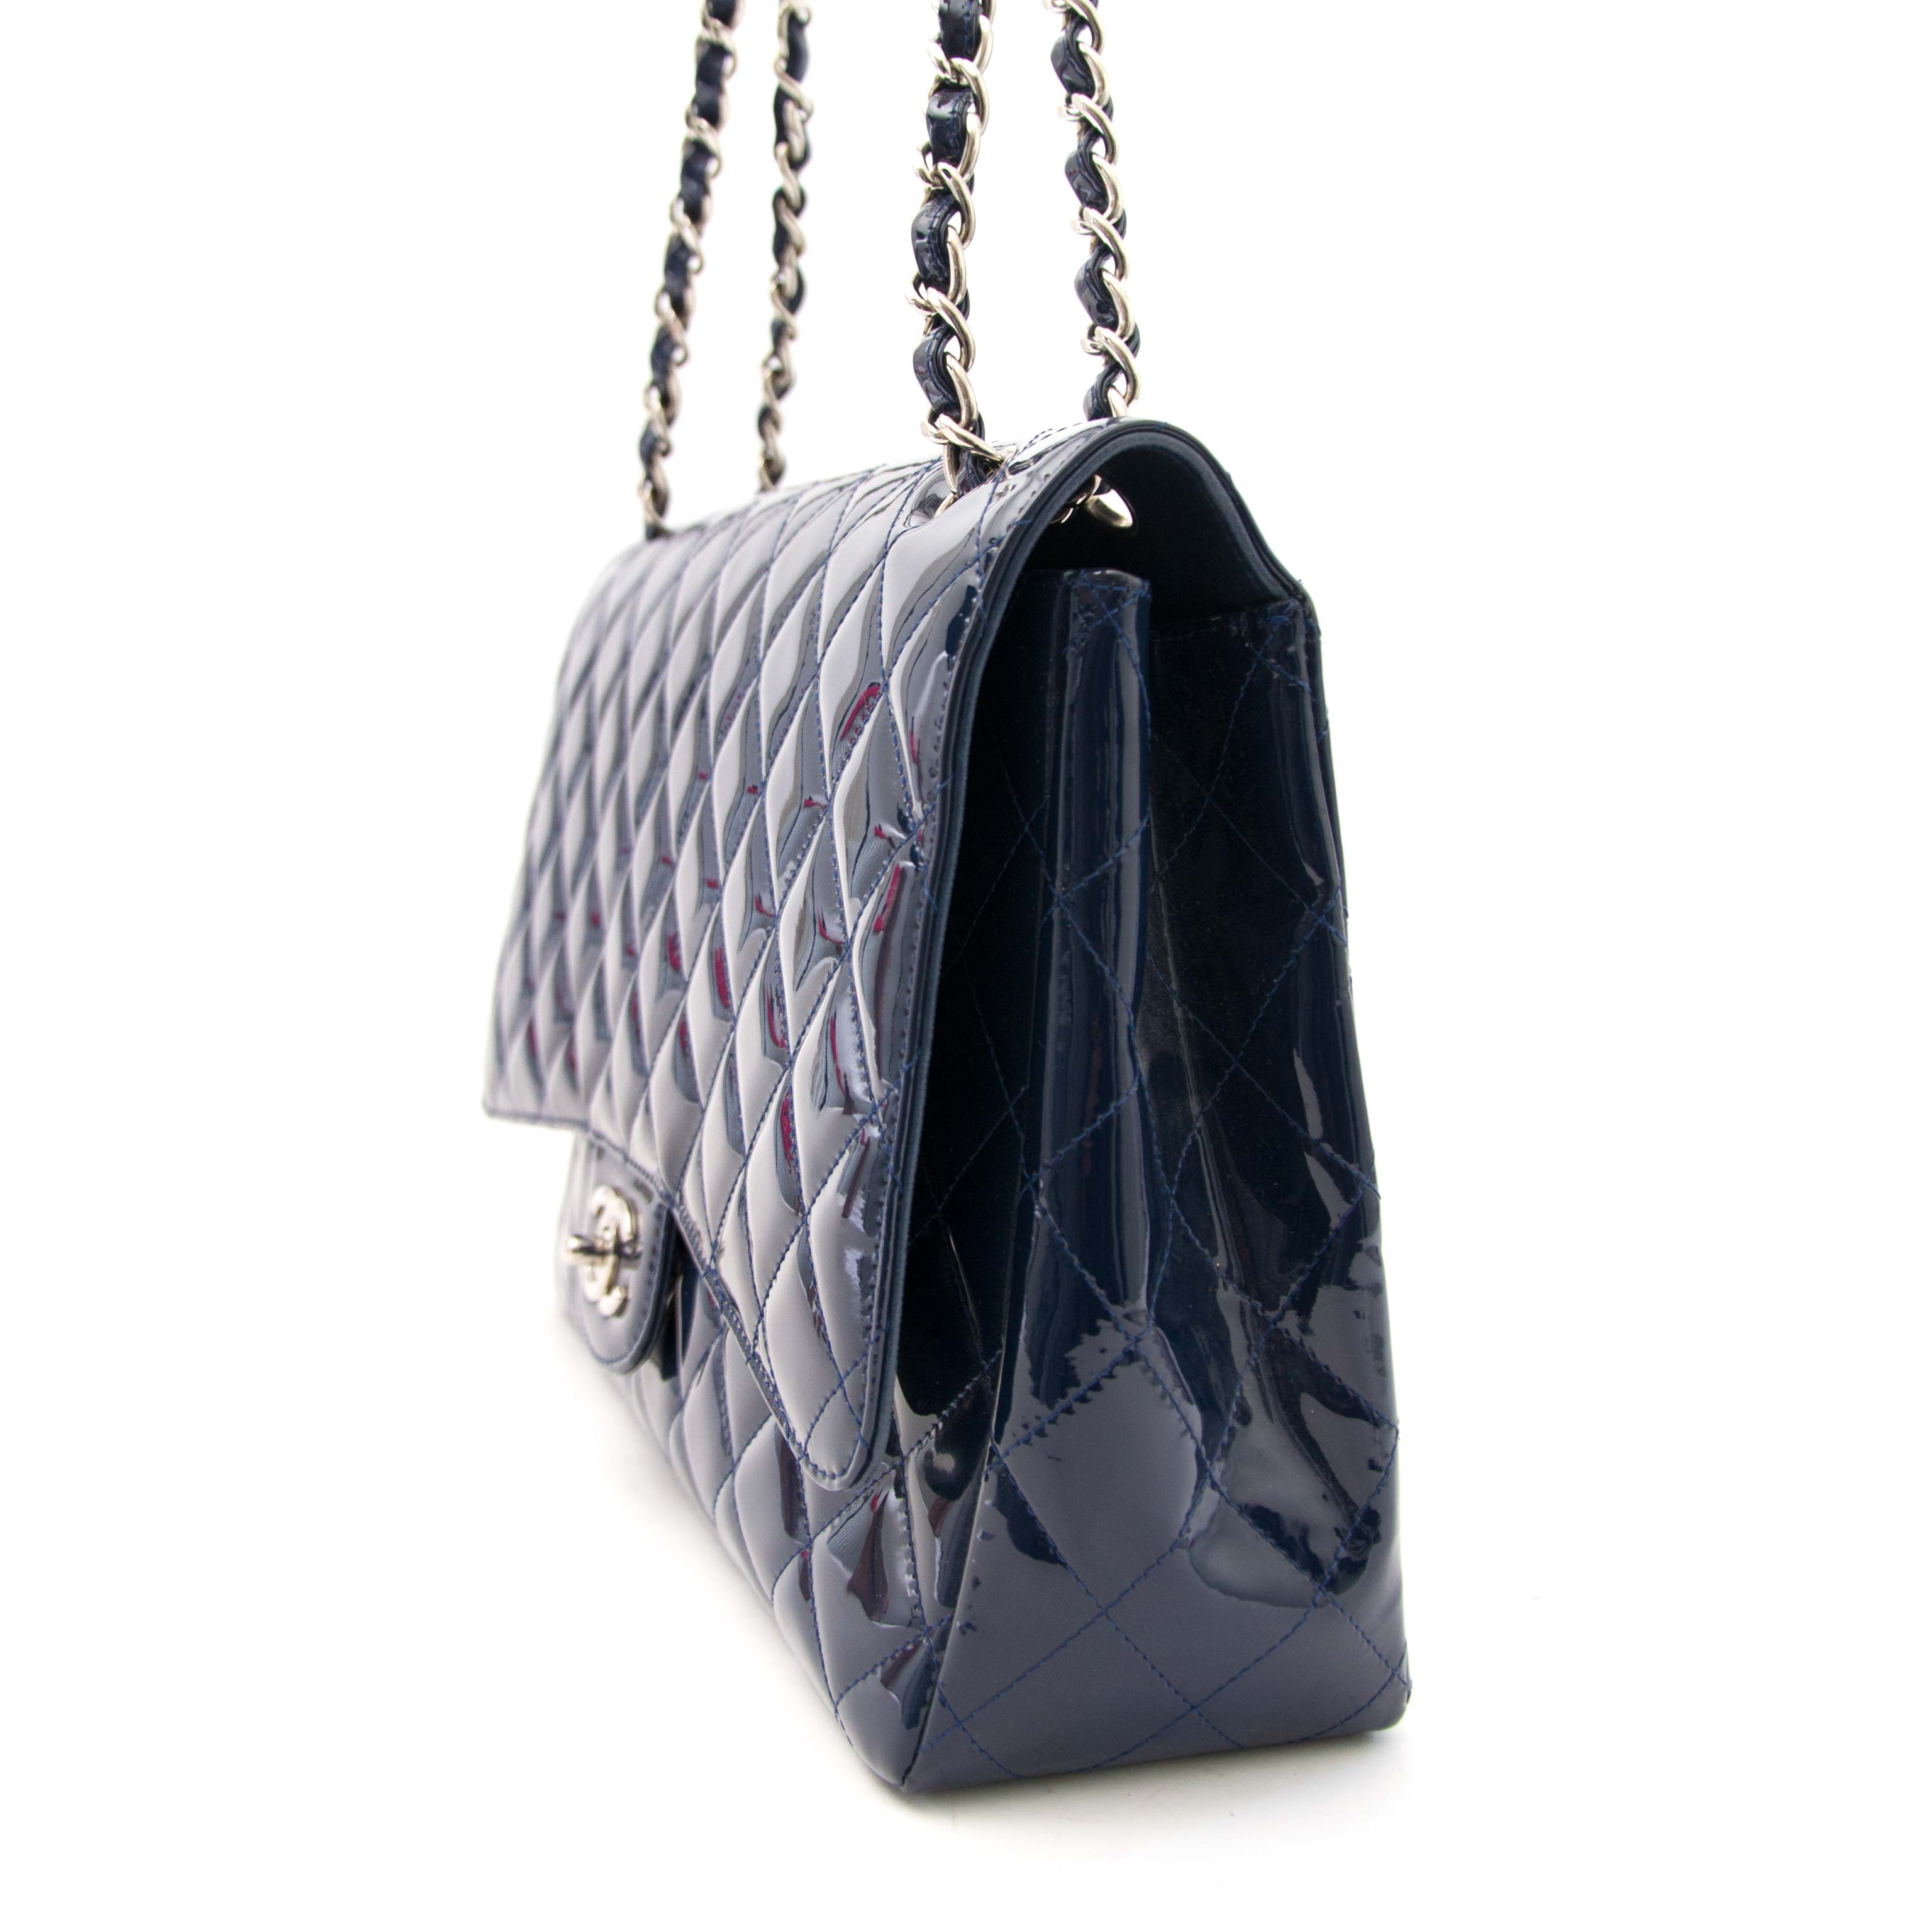 Chanel Maxi single flap bag d'occasion en ligne